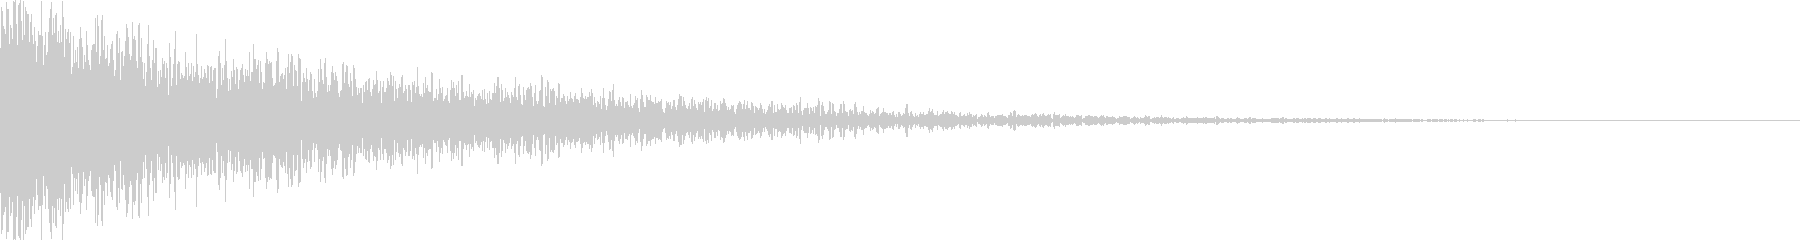 タイトル表記_アクセント音_3の未再生の波形